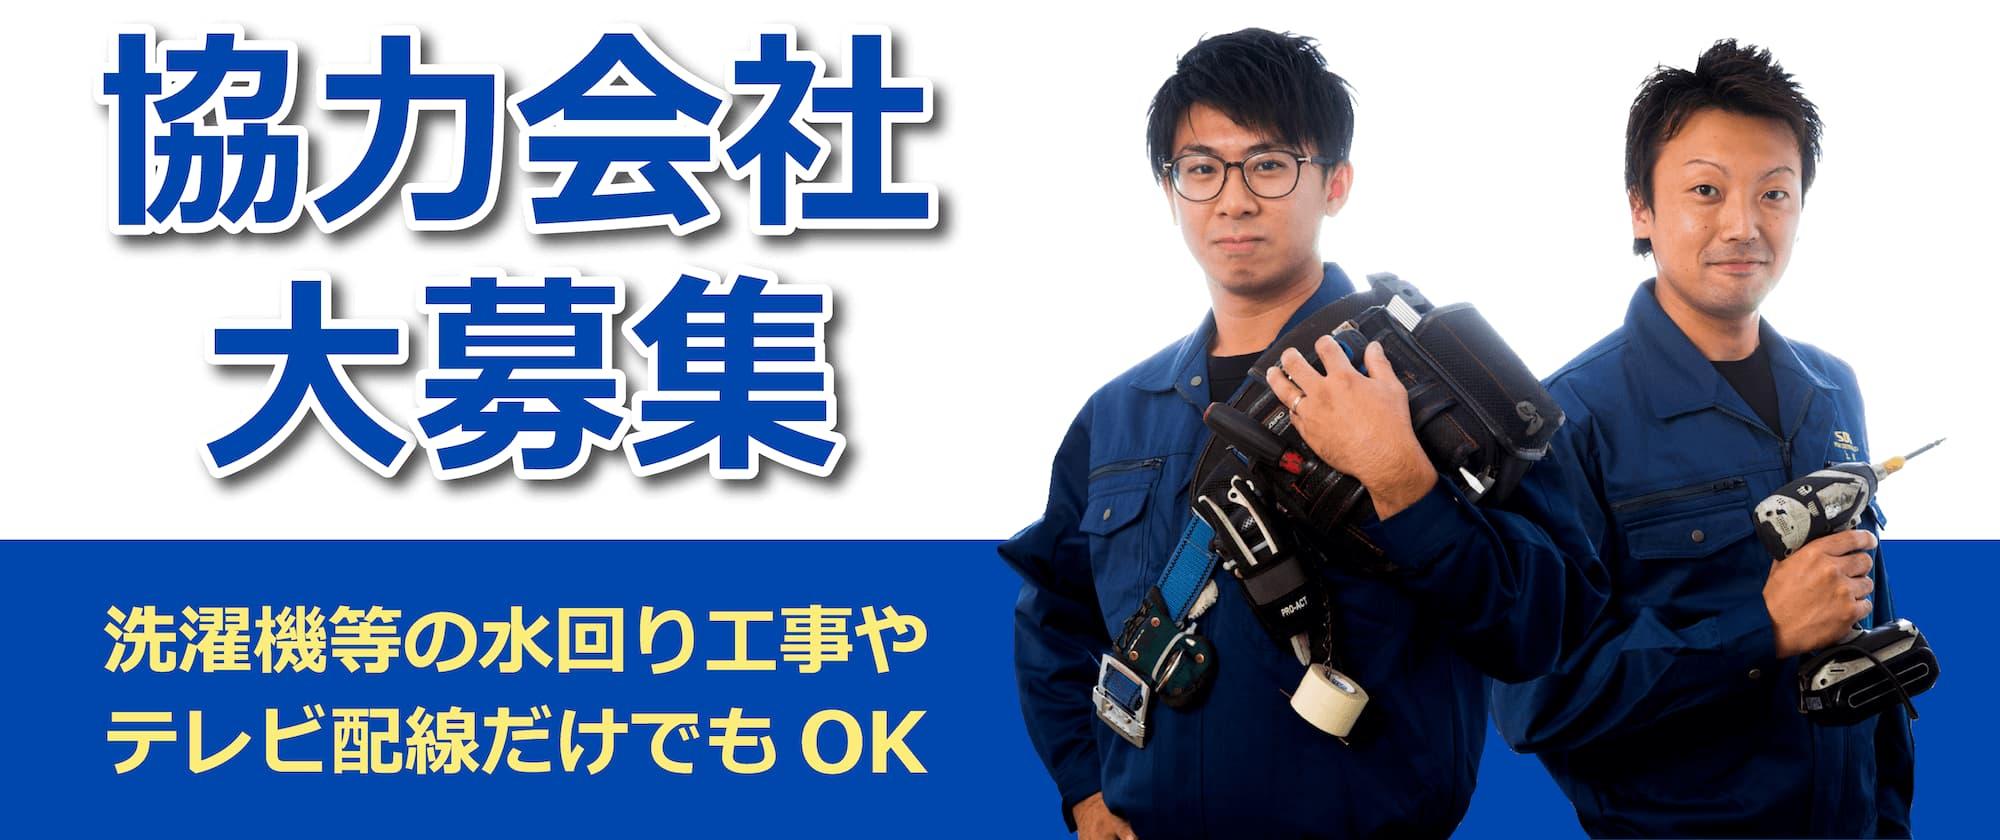 エアコン工事 協力会社募集のバナー画像